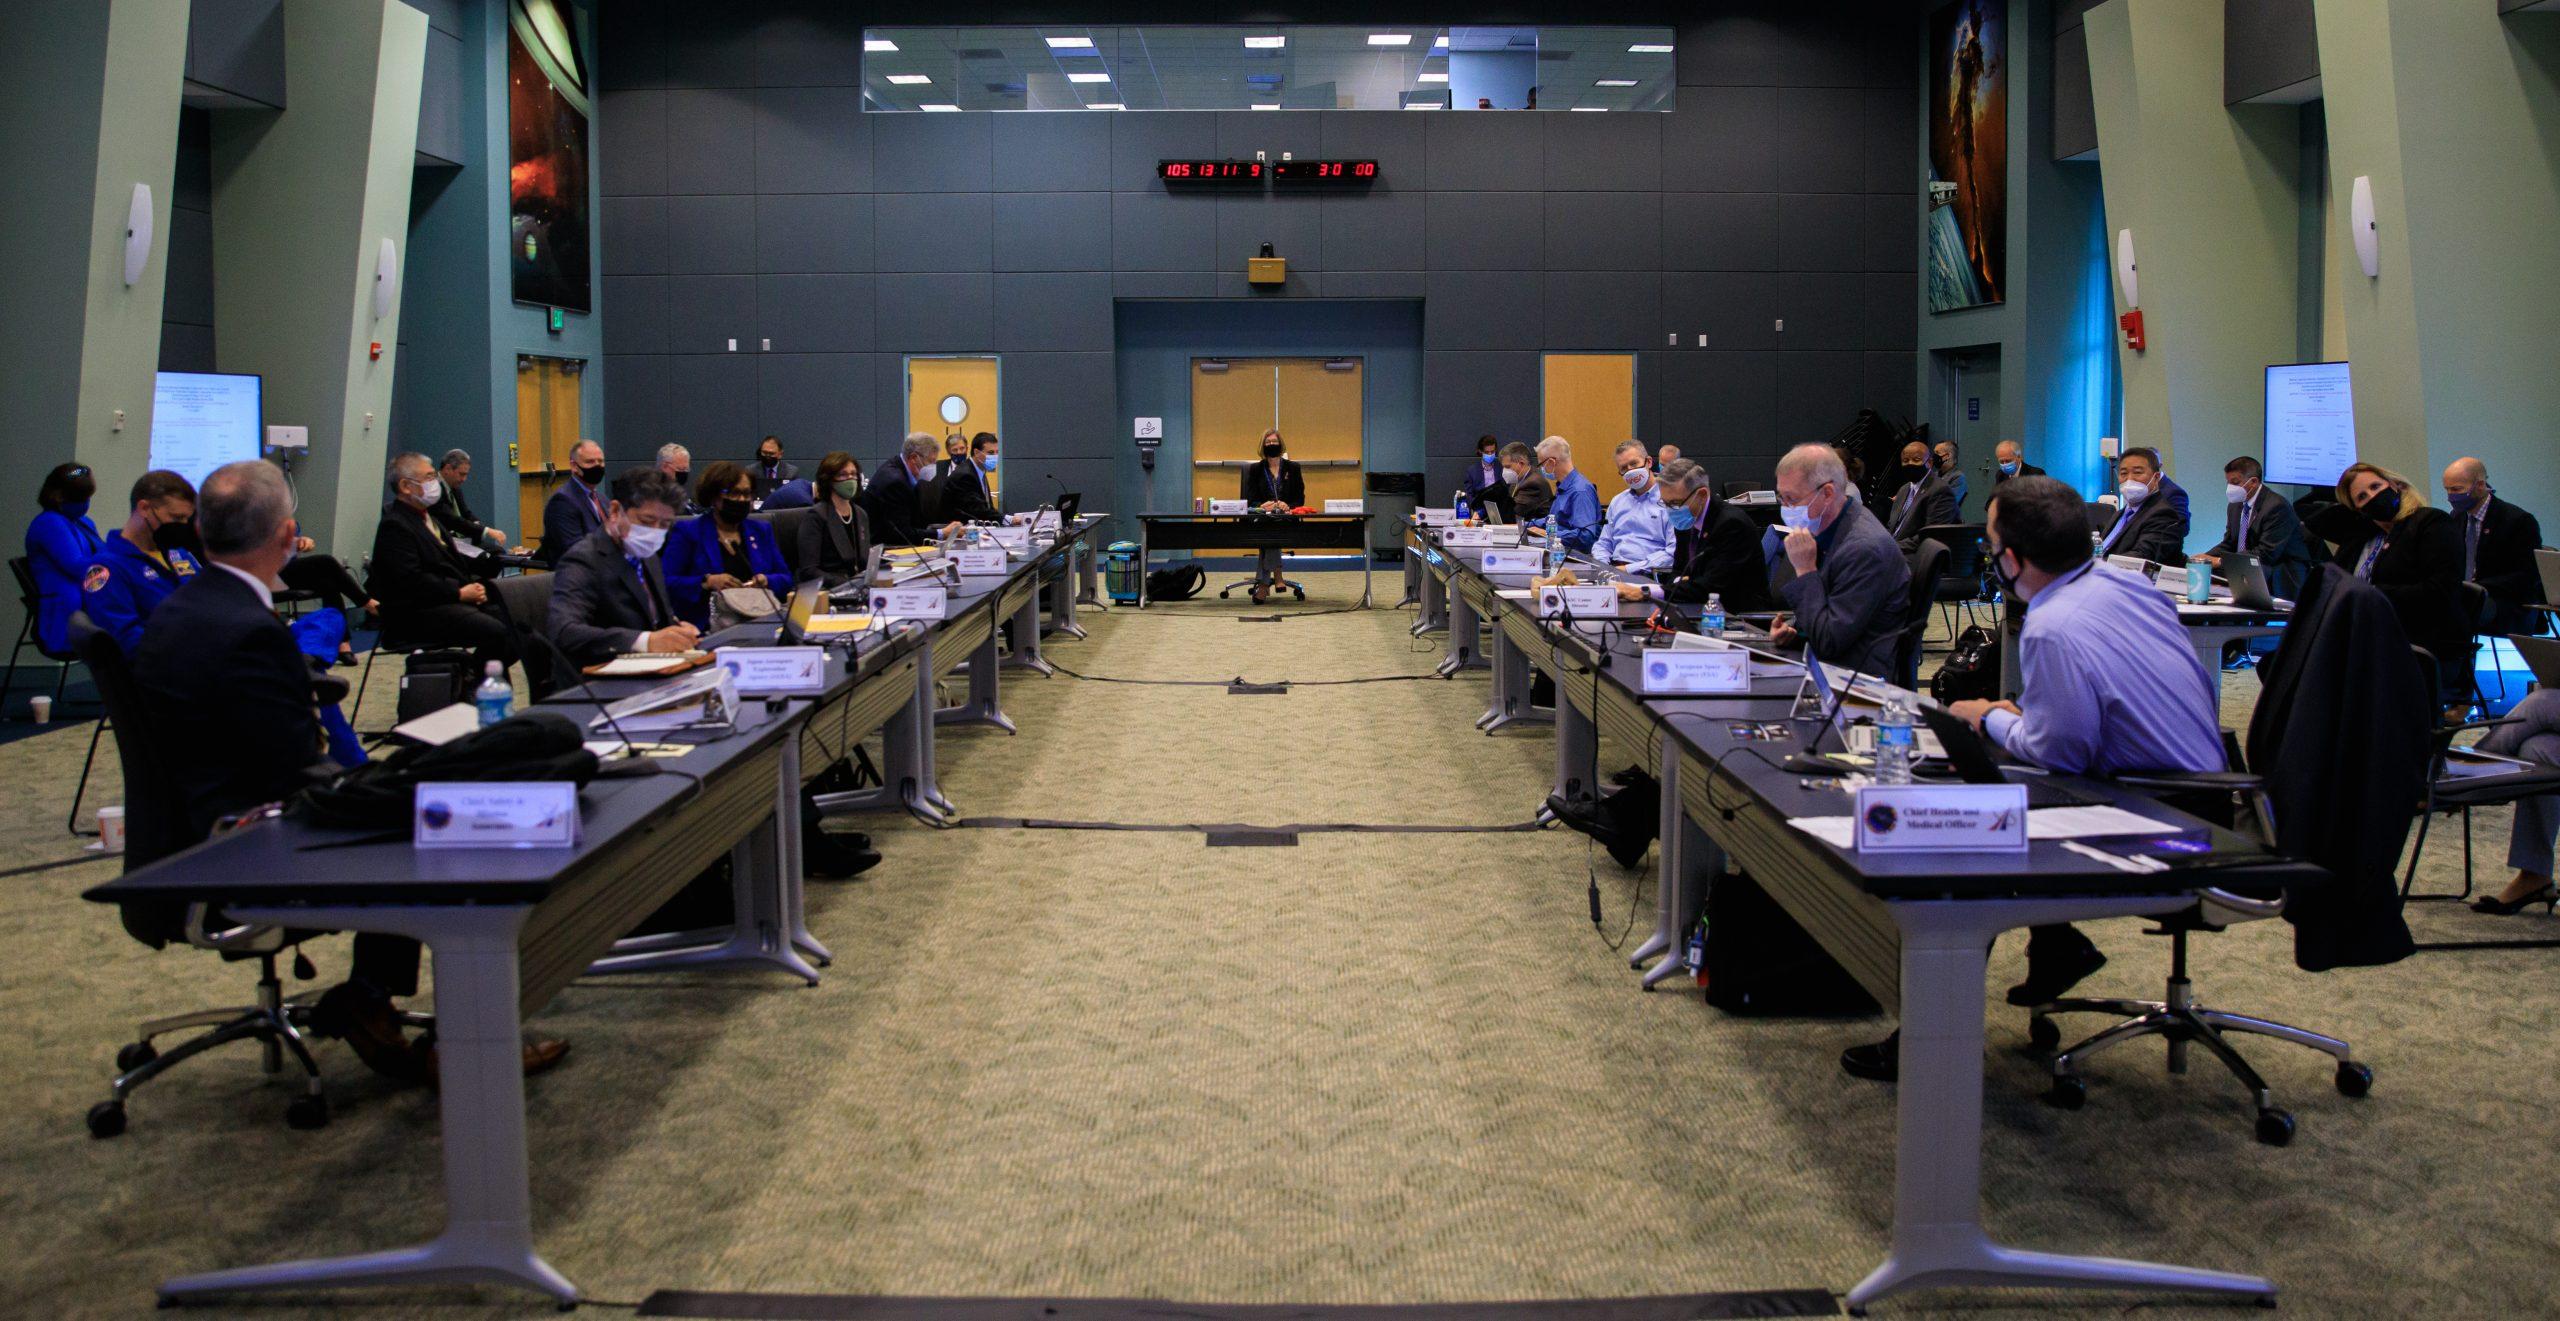 L'examen de l'état de préparation des vols SpaceX Crew-2 de la NASA a lieu au Kennedy Space Center de la NASA en Floride, le 15 avril 2021.